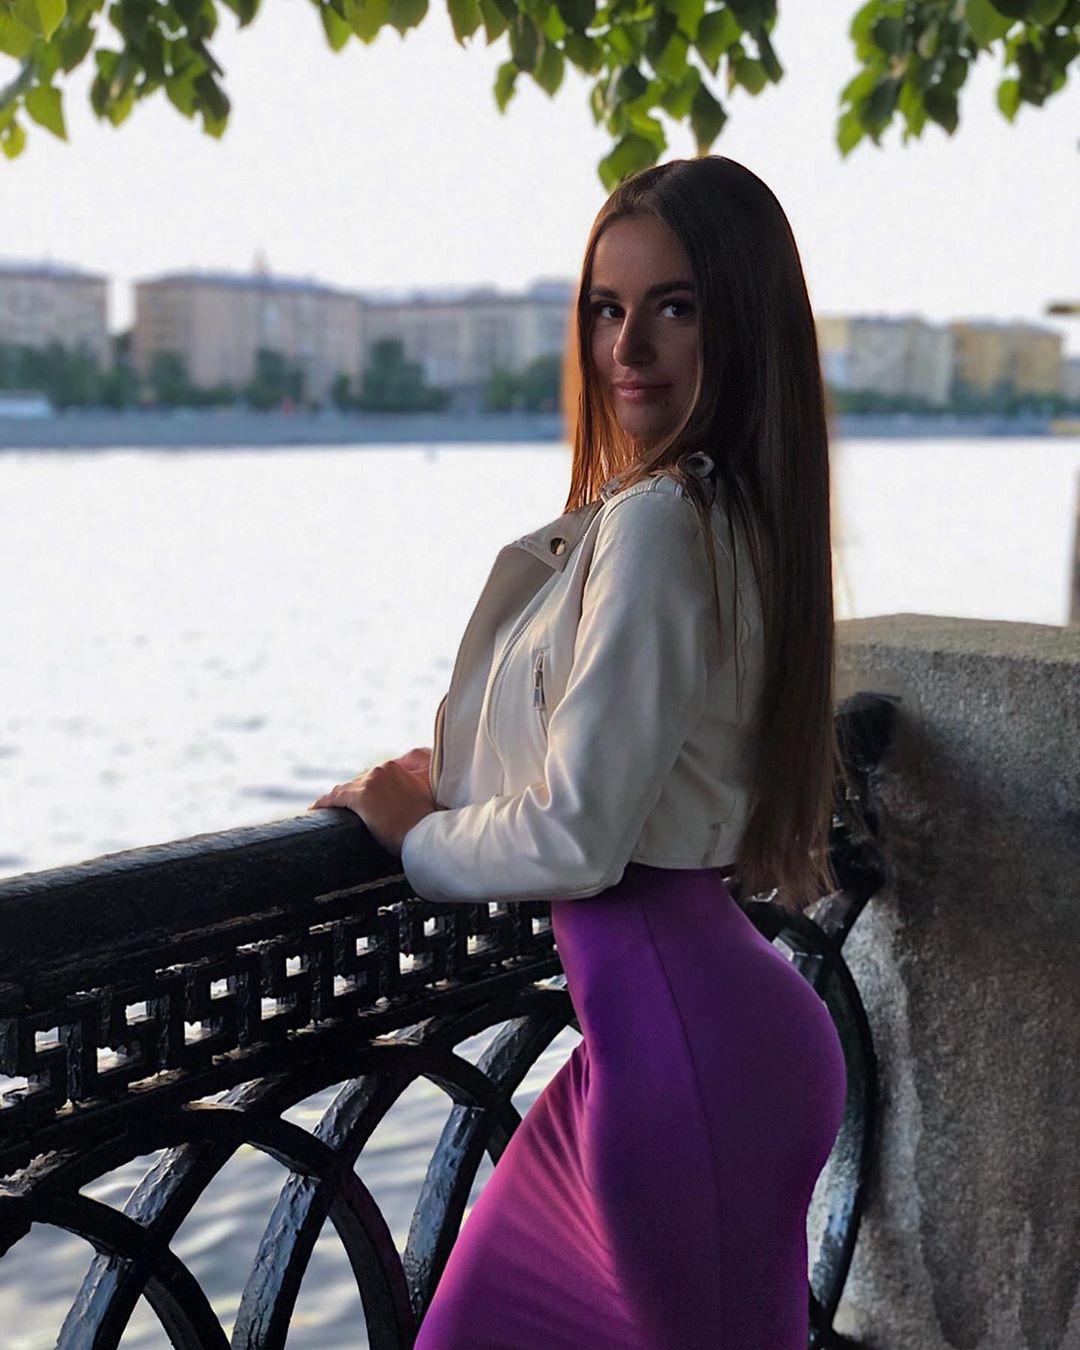 Yuliya-Lazarenko-Wallpapers-Insta-Fit-Bio-1